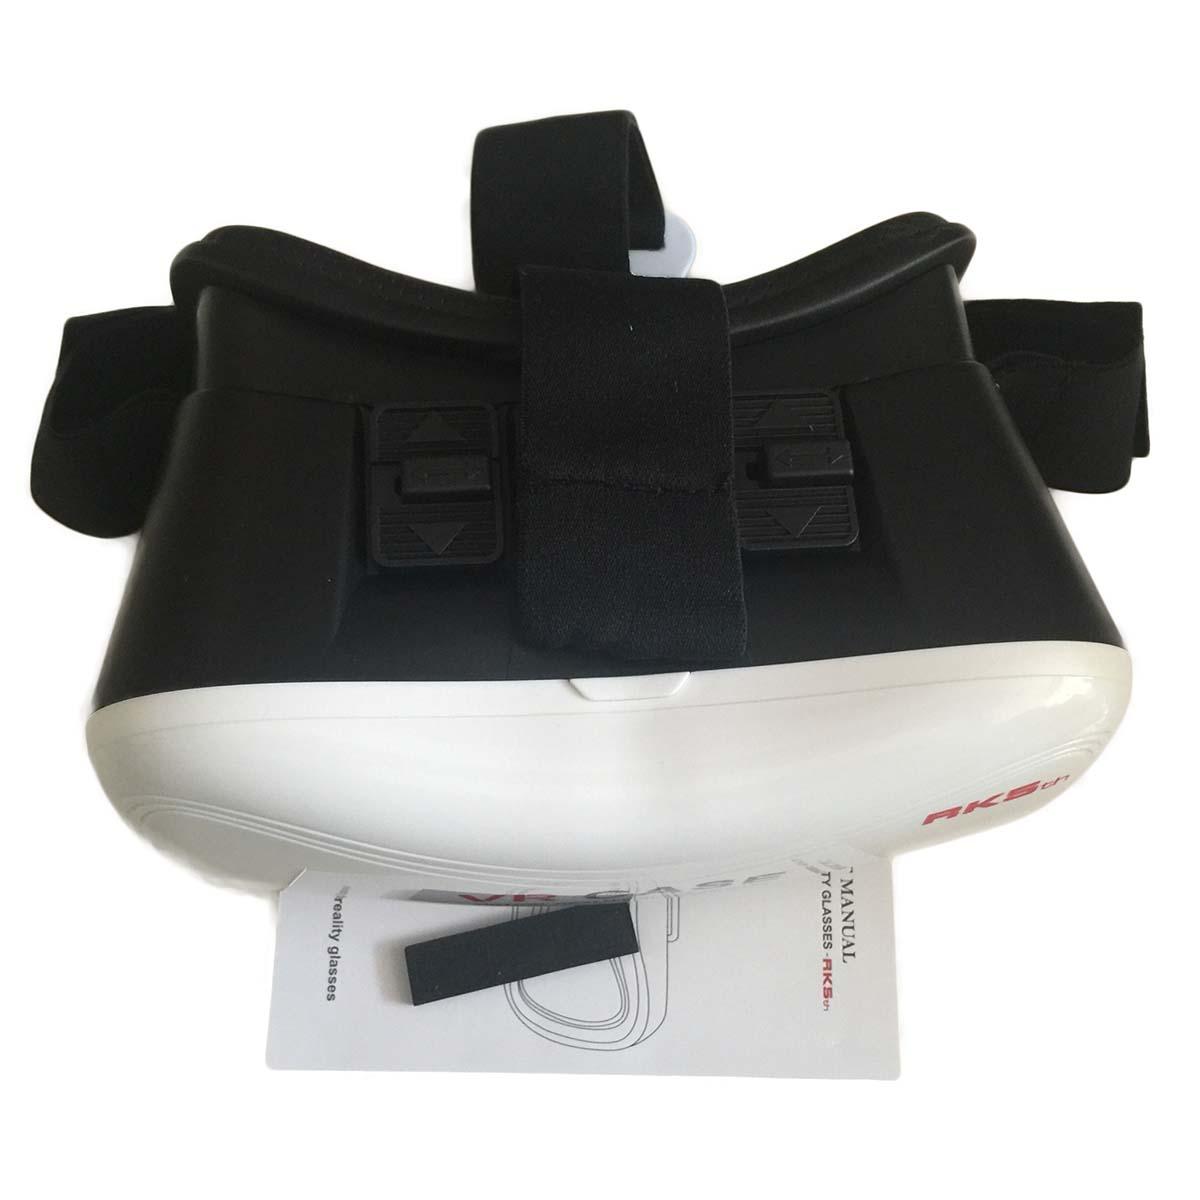 Kính 3D Thực Tế Ảo Cực Hot VR Case V5